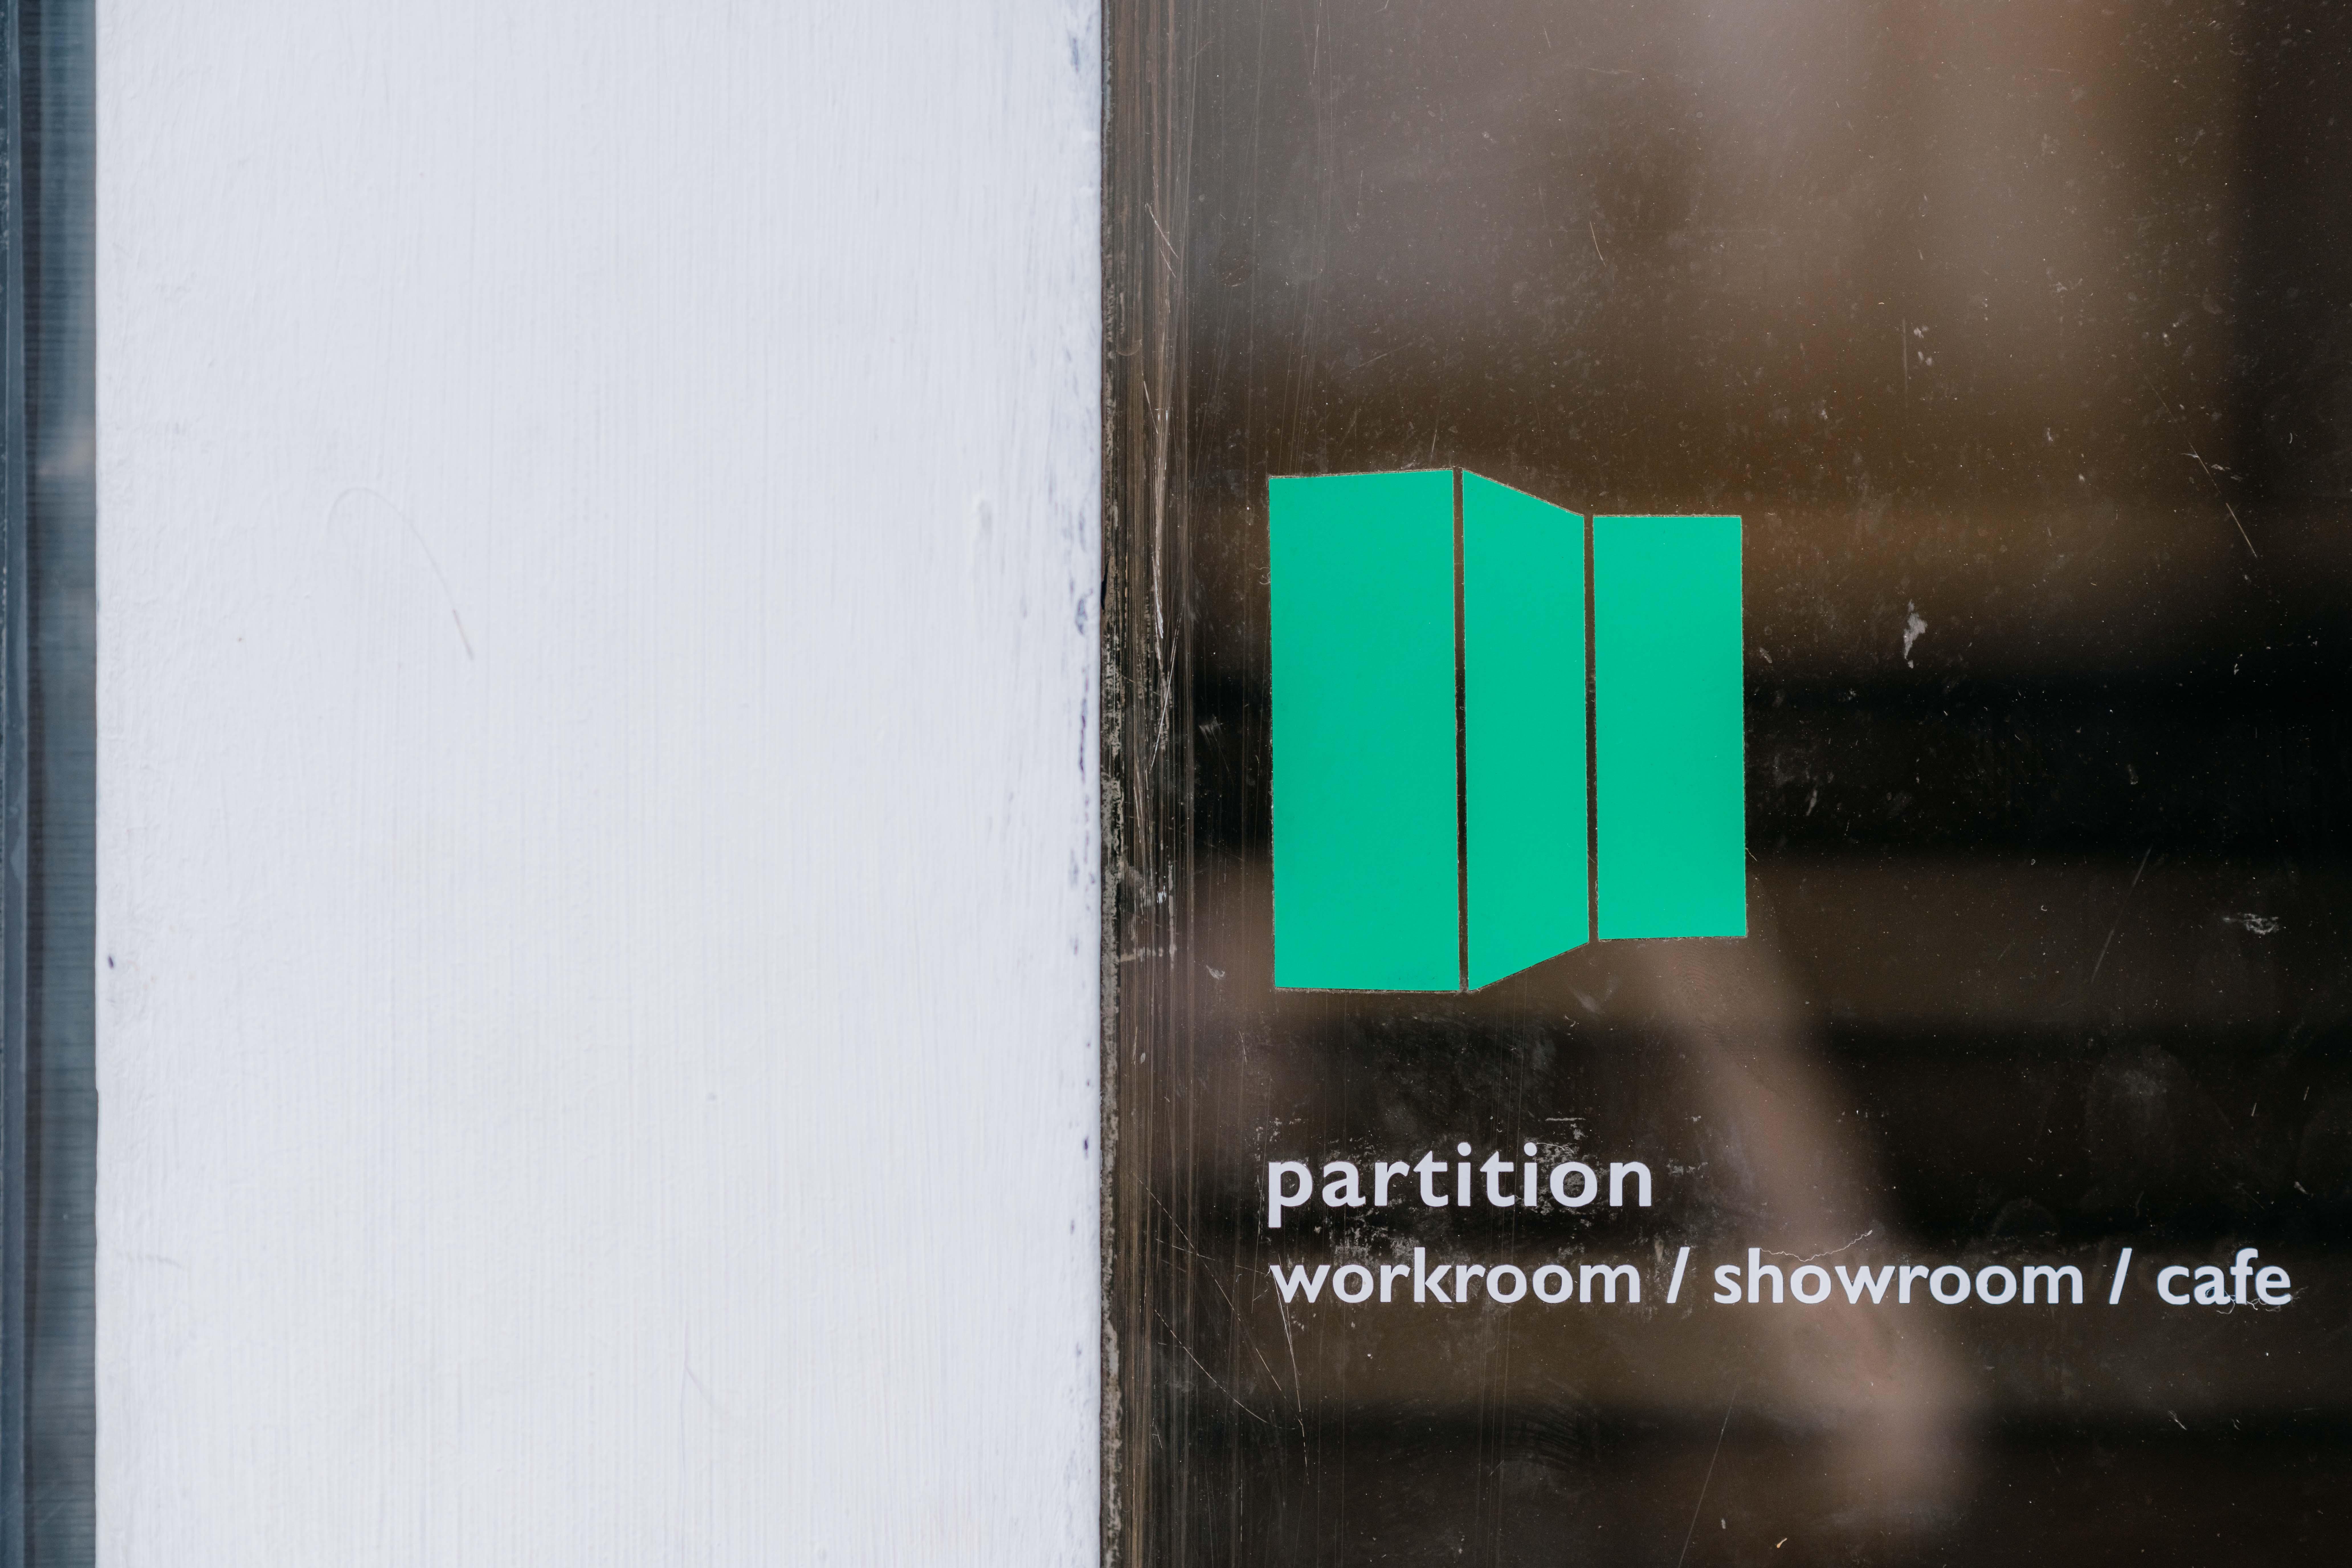 Partition WSC